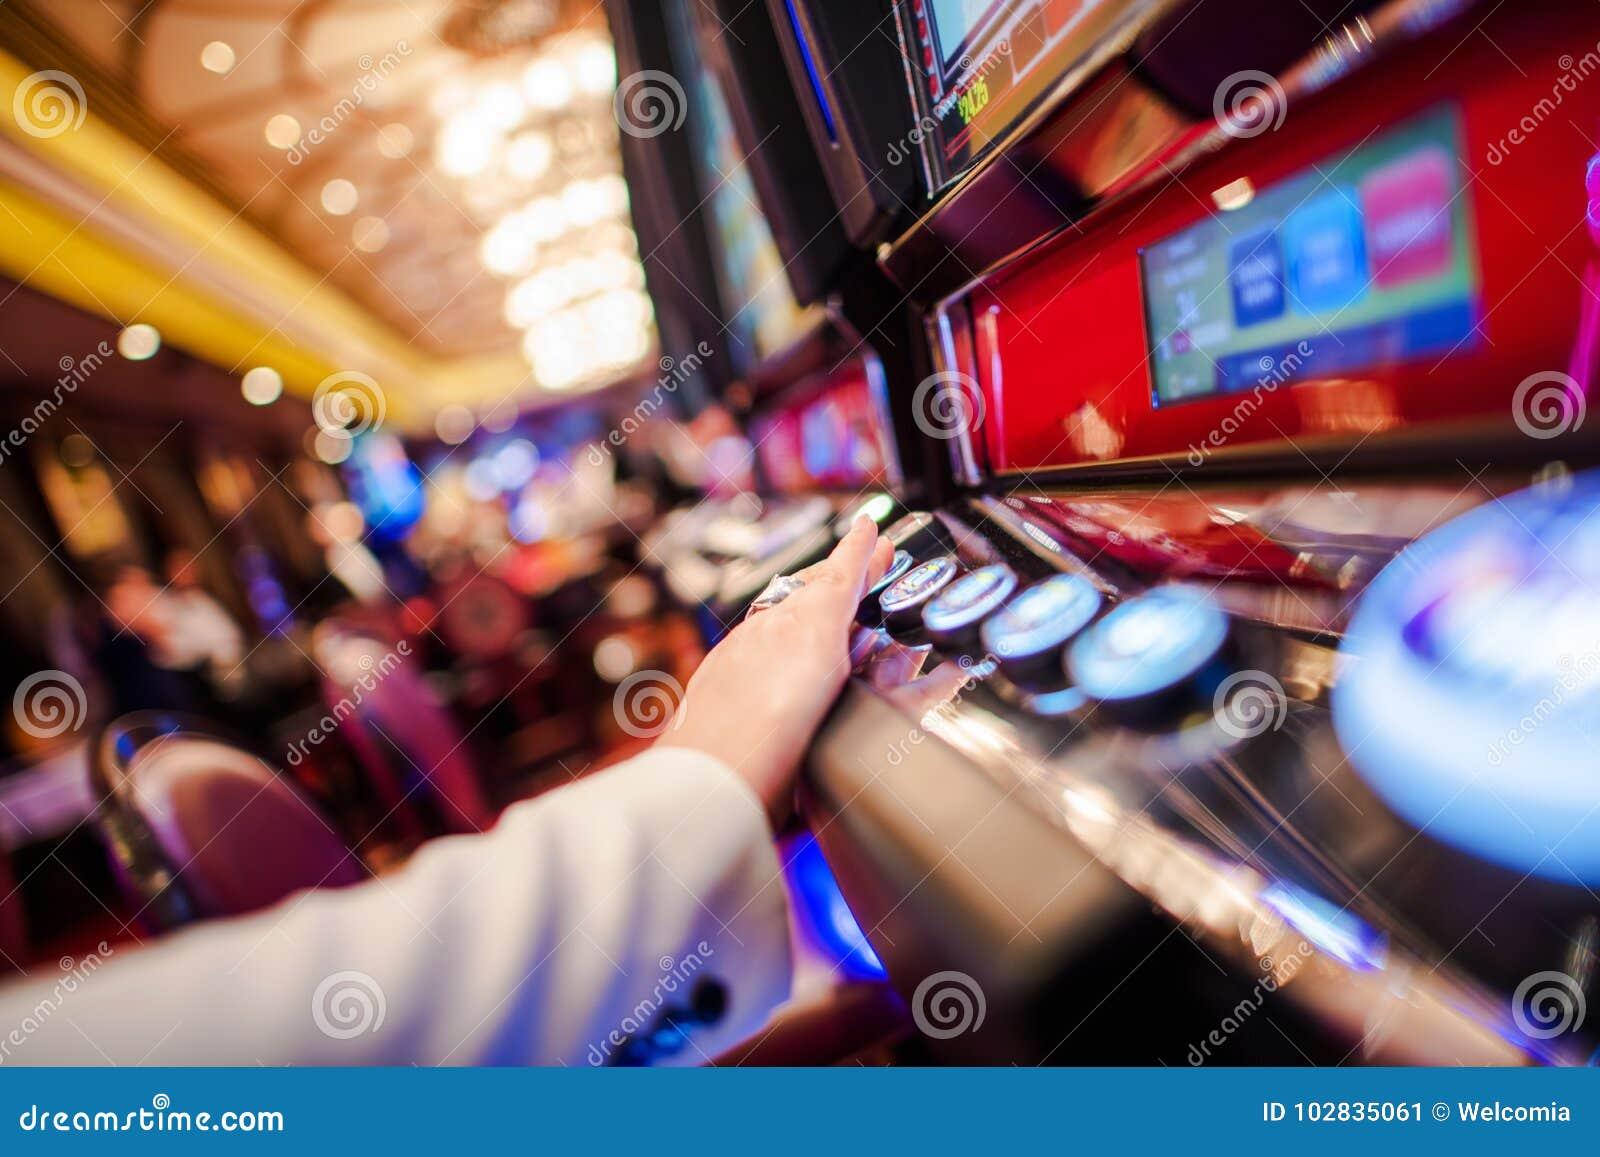 Kasino-Schlitz-Videospiele